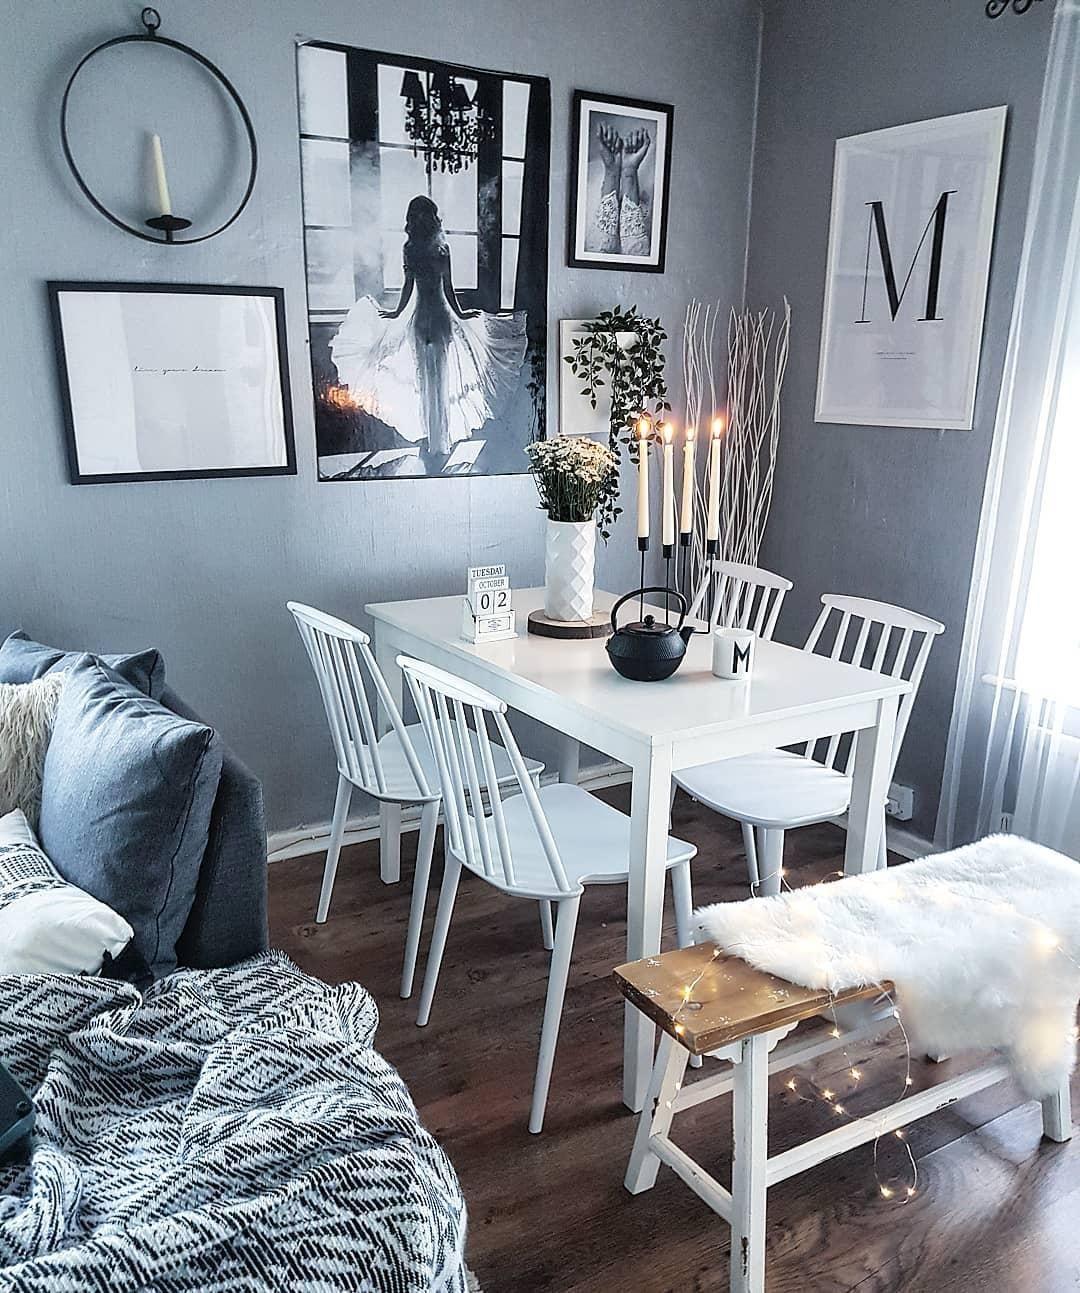 Stühle Lotta, 2 Stück   Haus deko, Wohnen, Esszimmer wände